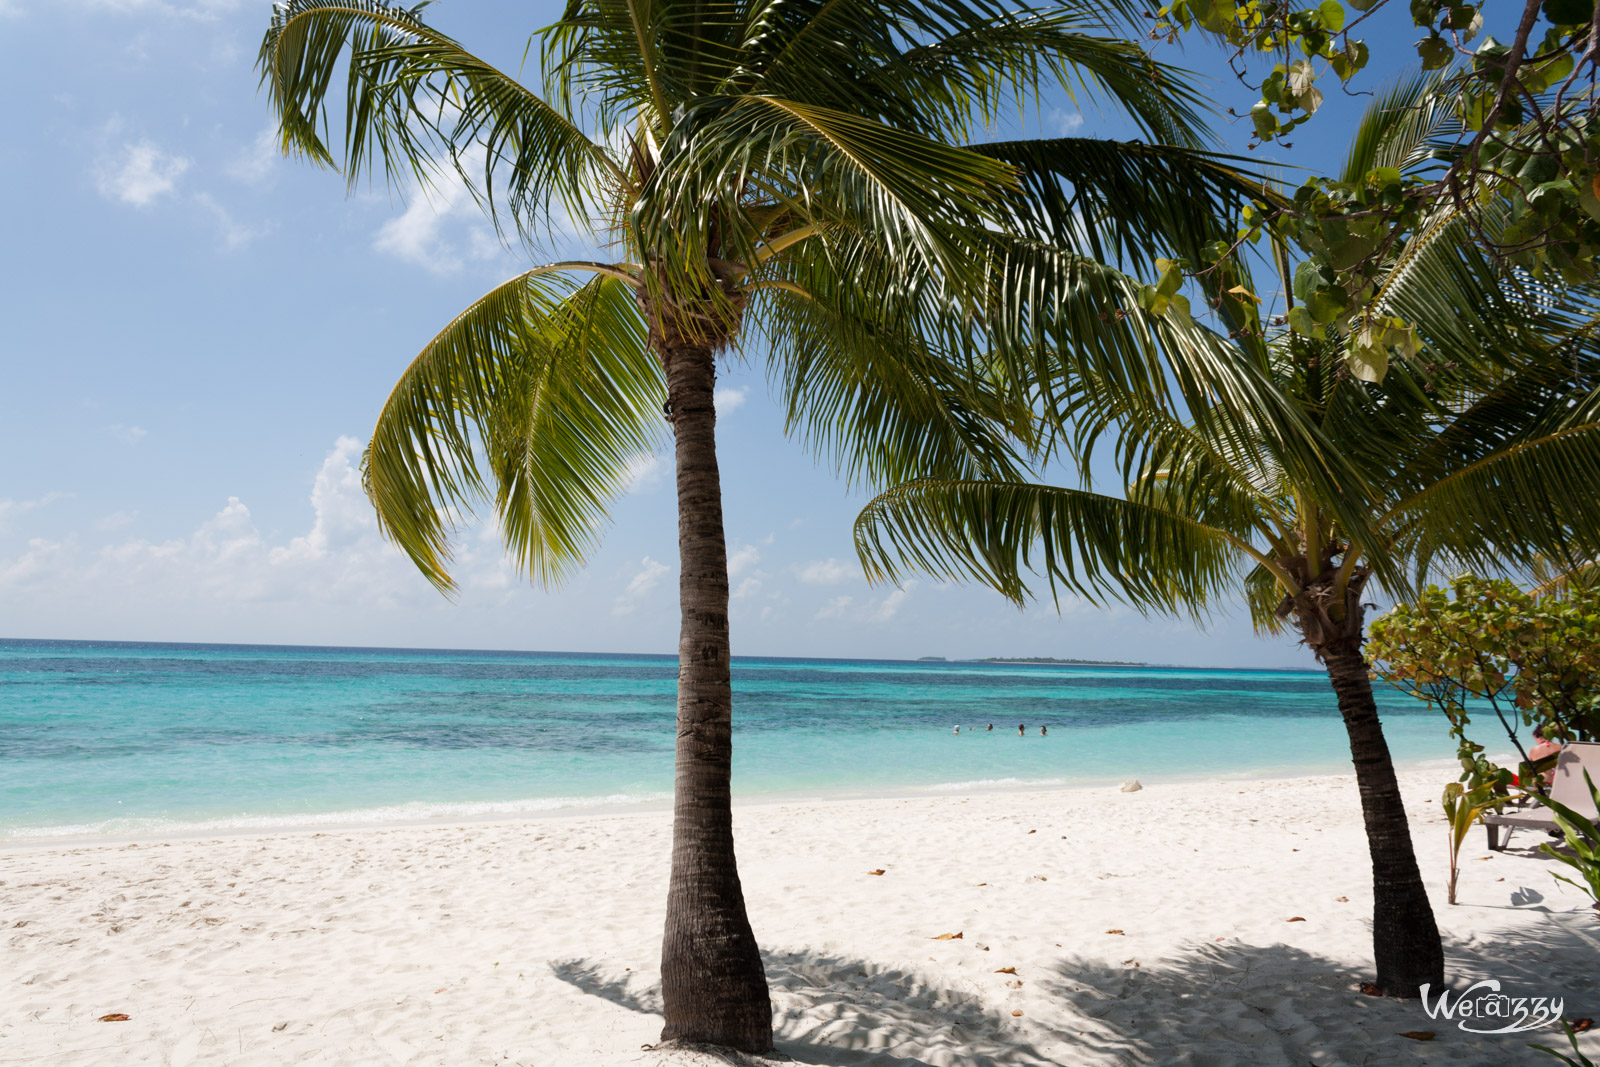 Petite balade sur les plages des maldives weazzy - Palmier noix de coco ...